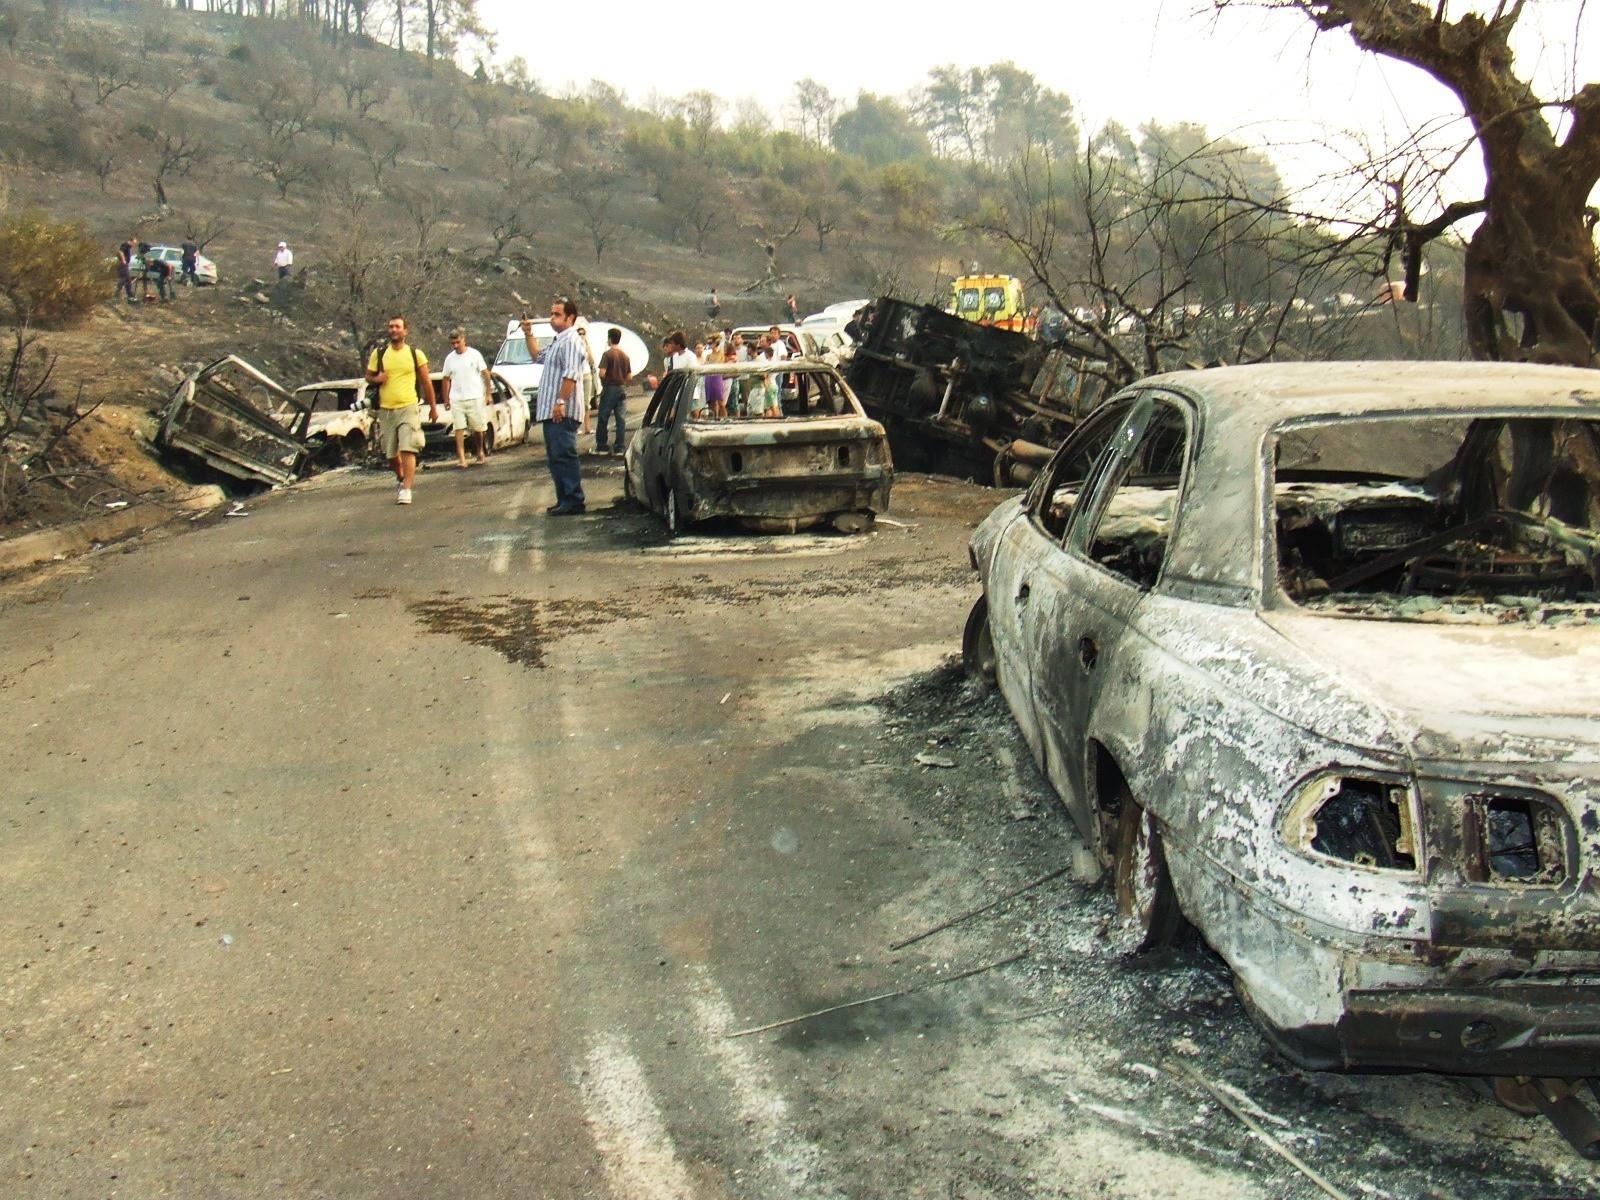 Τι συνέβη στην Αρτέμιδα την Παρασκευή 24 Αυγούστου 2007; Λεπτό ...